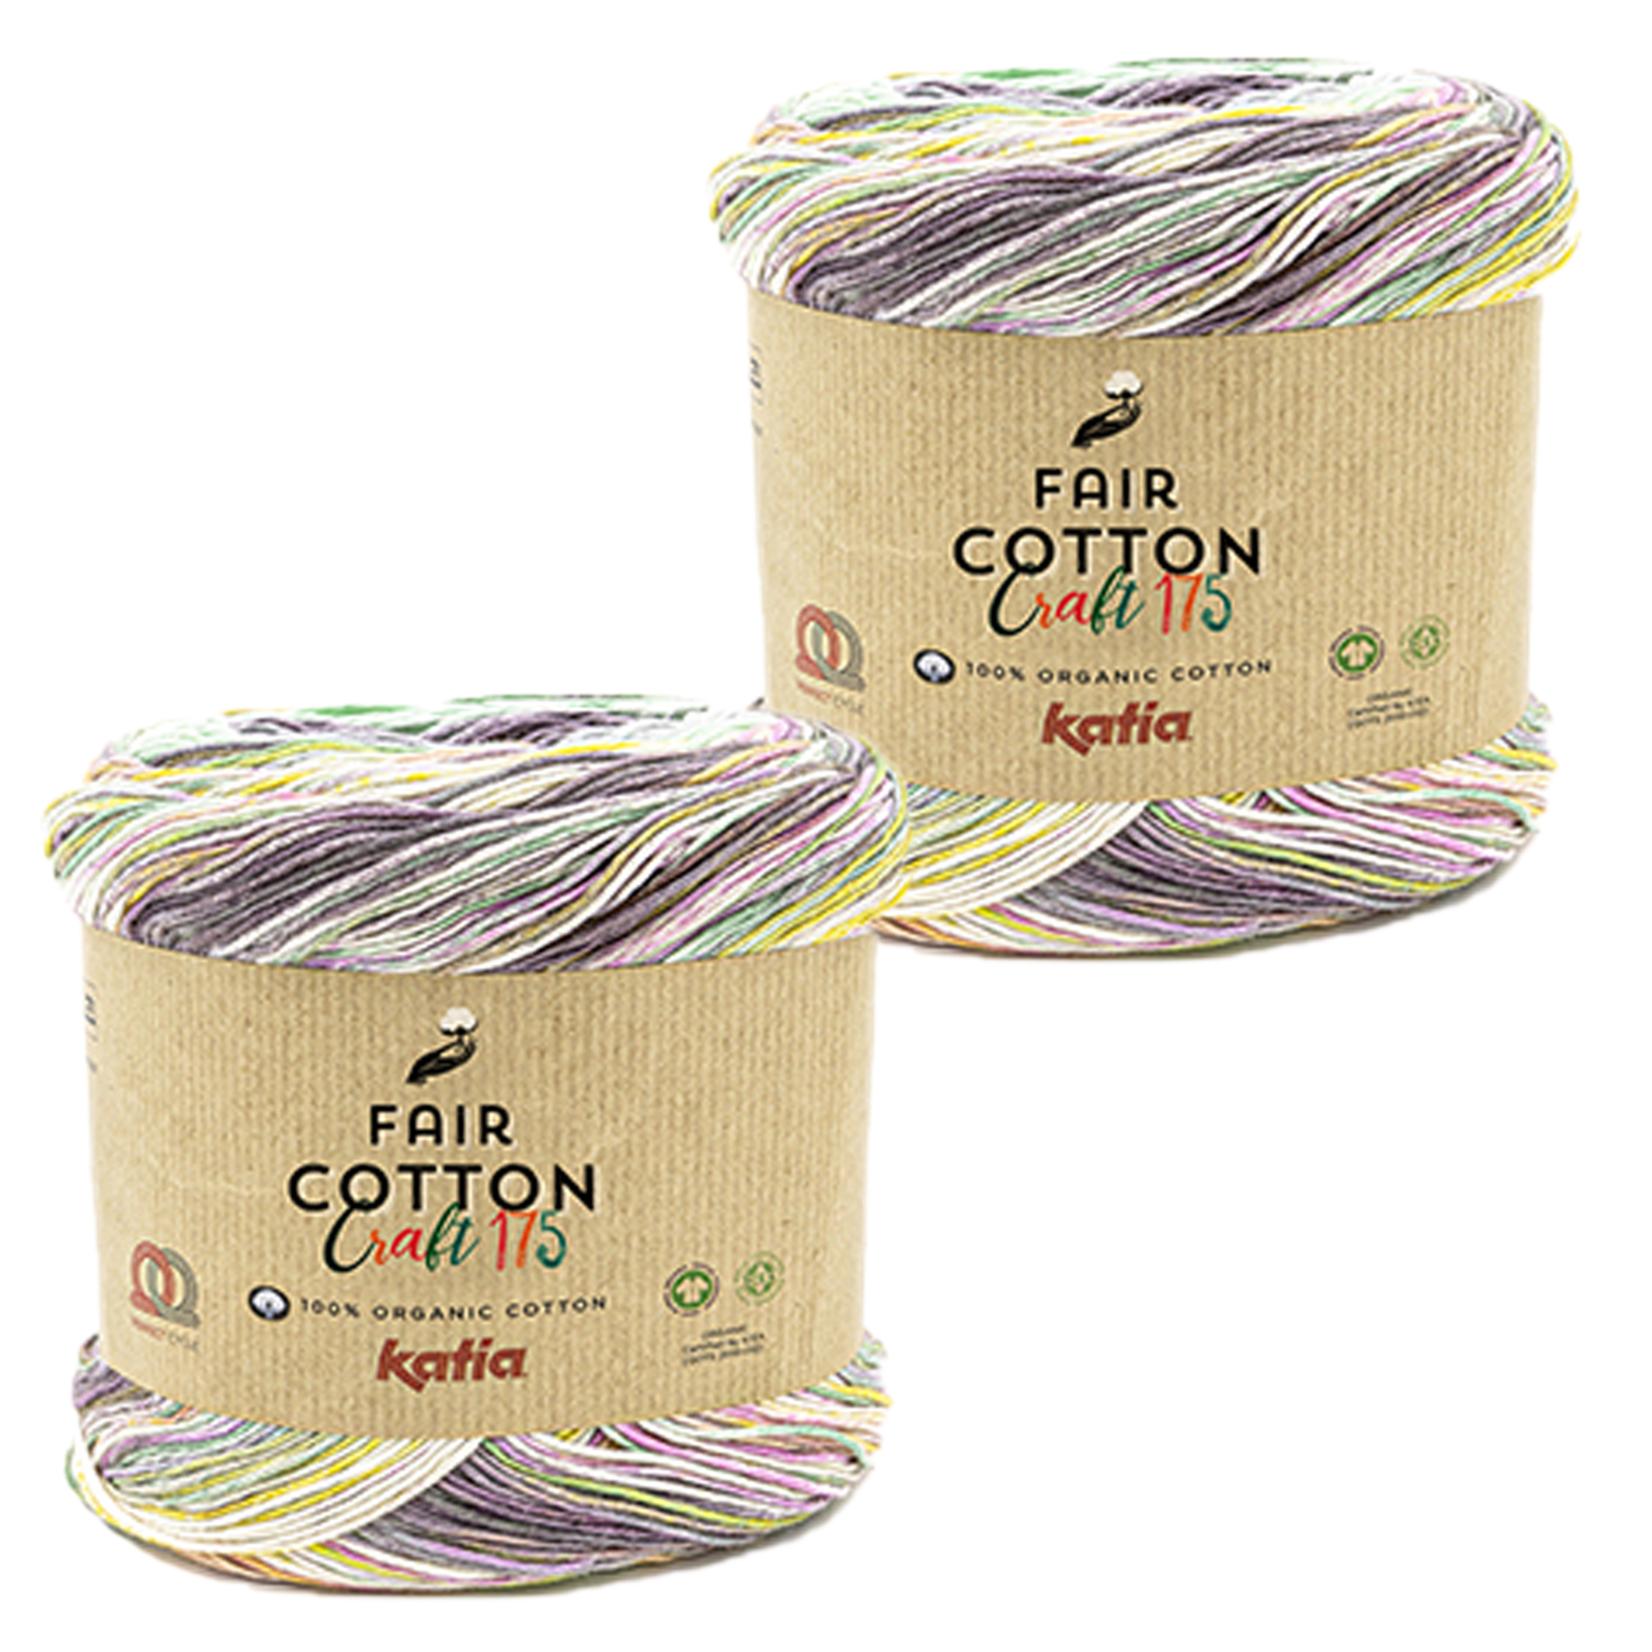 Katia Katia Fair Cotton Craft verloopgaren Kleur 804 - bundel 2 bollen x175  gr.